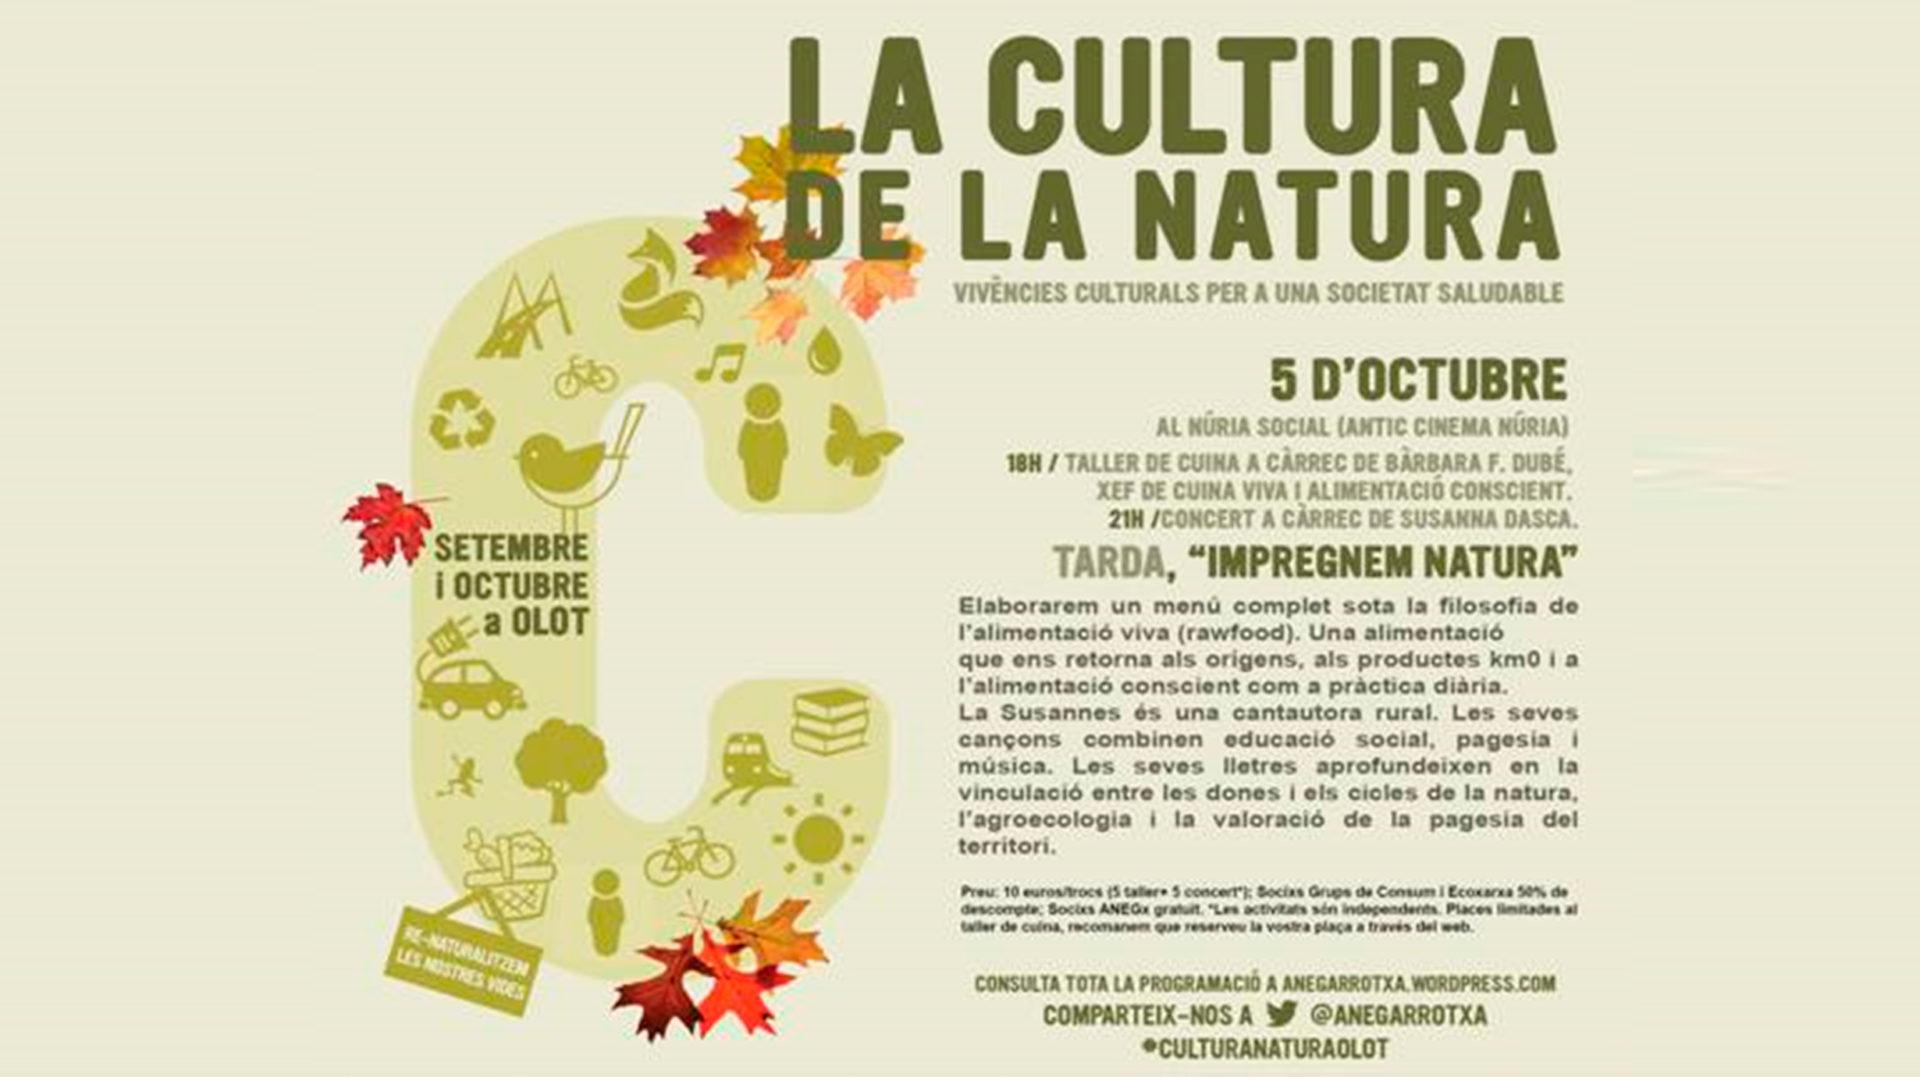 La cultura de la natura